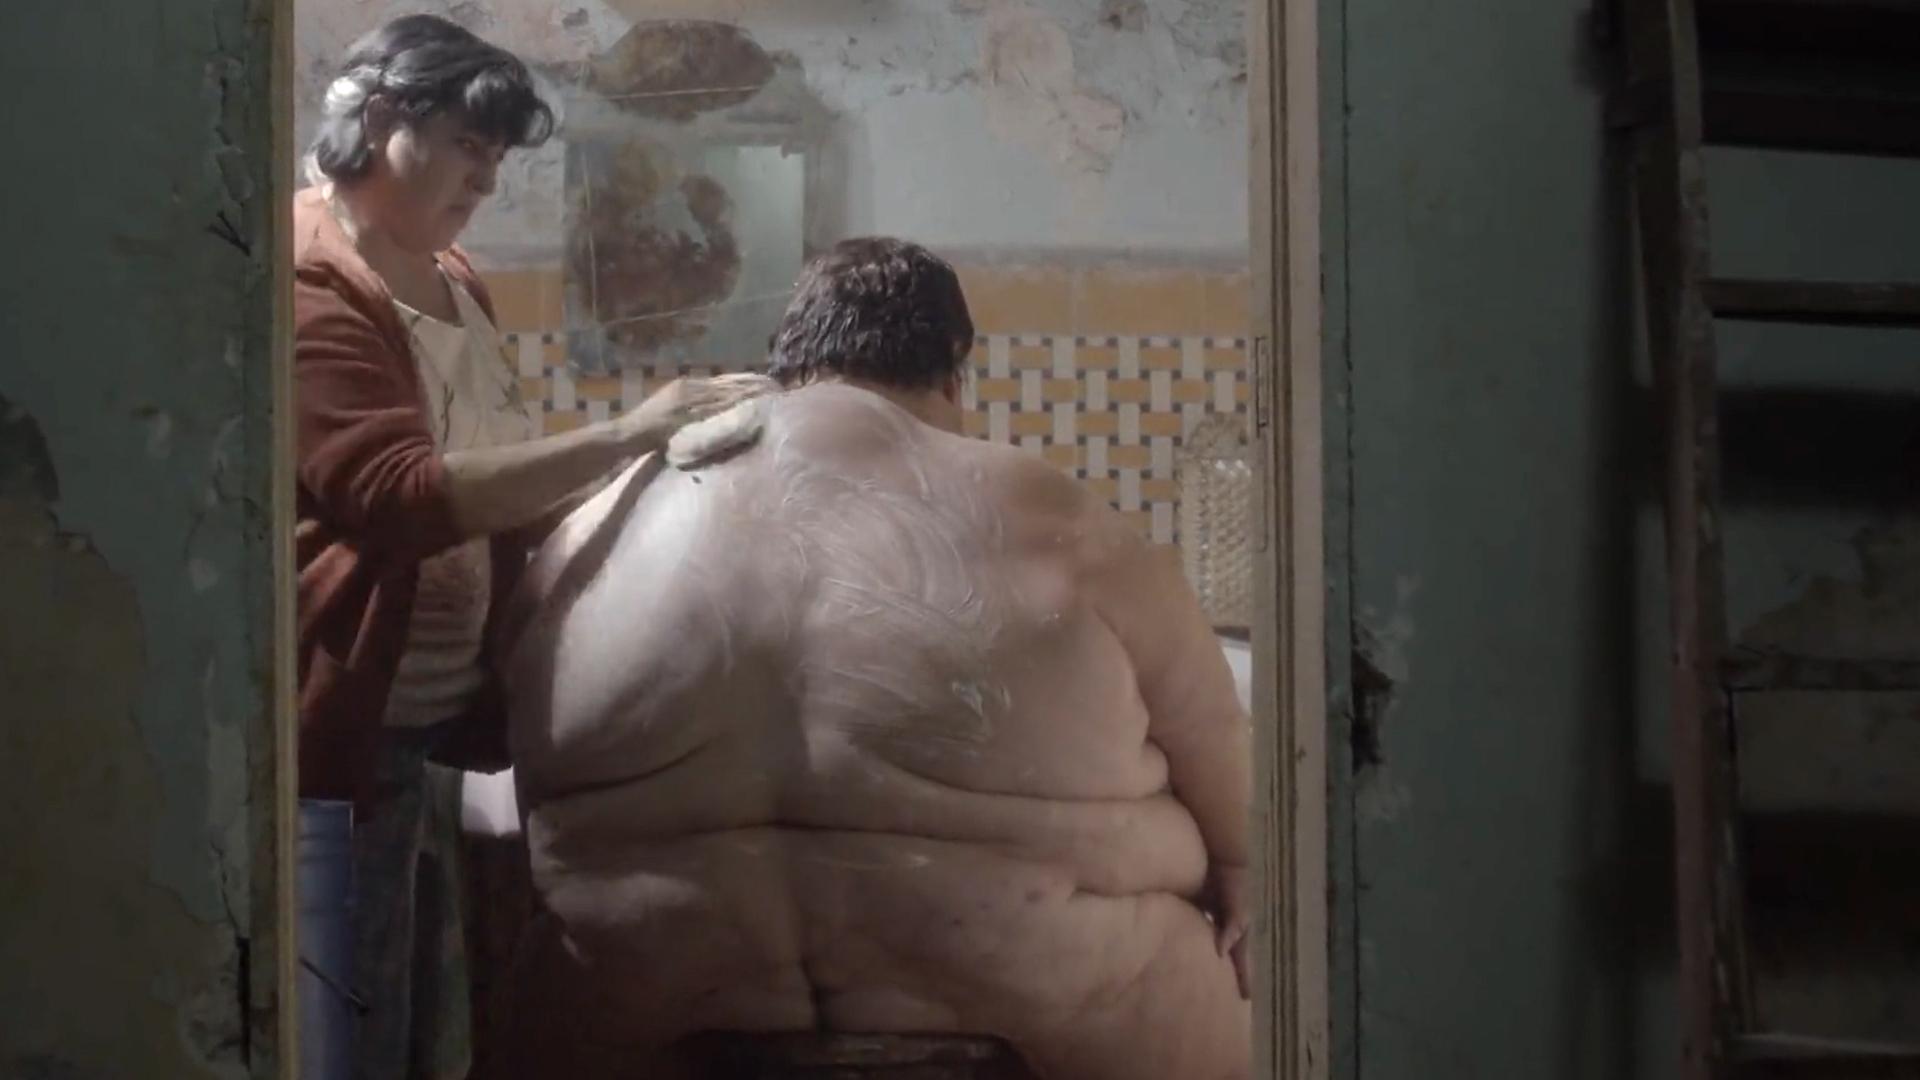 400斤的胖子,却有个不一般的梦想,这部电影后劲十足,受益良多!《行走距离》